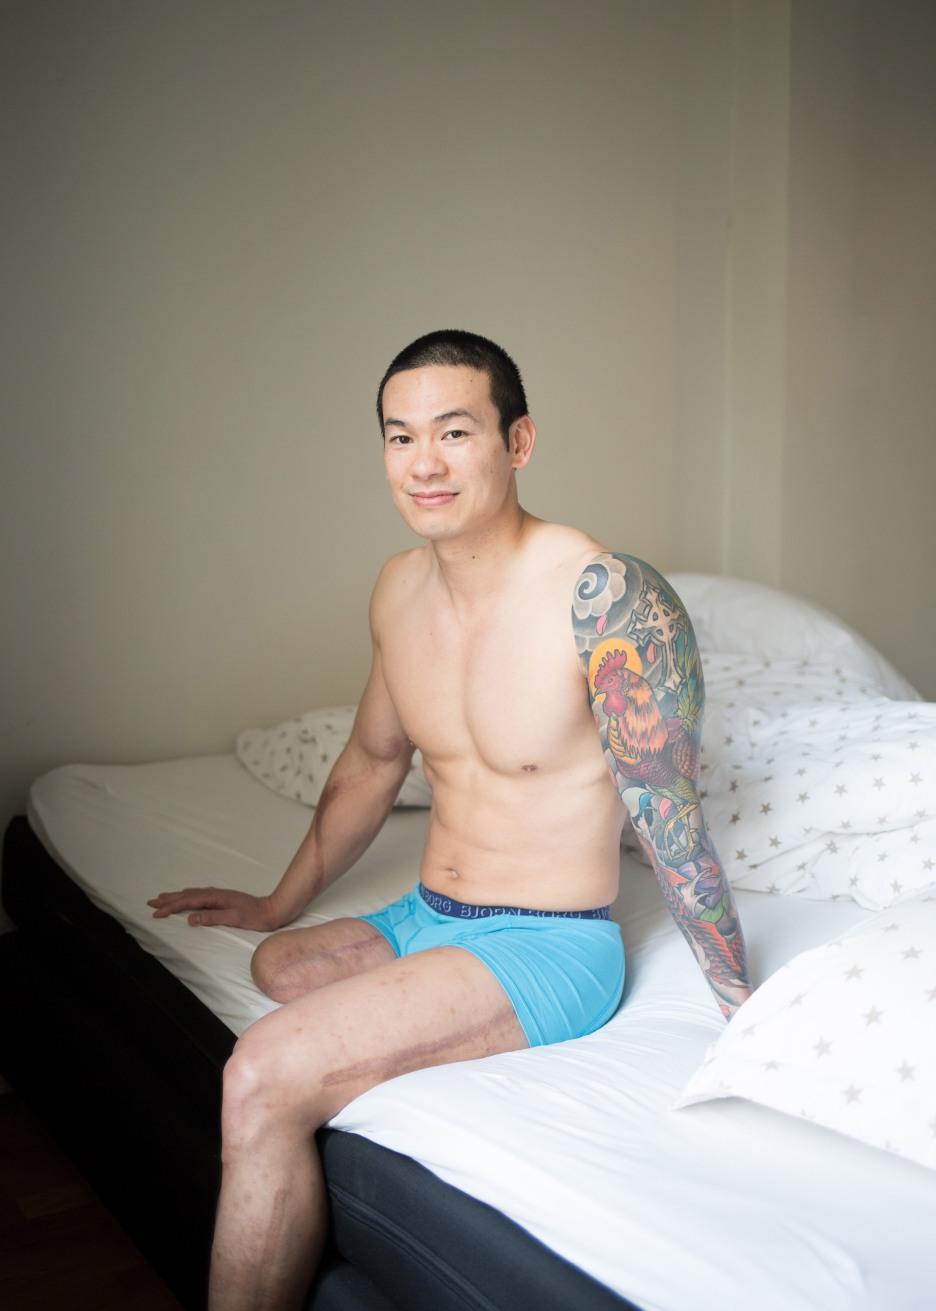 Den unge mannen sitter på sengekanten iført turkis boksershorts. Hele venstrearmen er tatovert med fargerike, detaljerte motiver fra skuldra og ned, blant annet med en brun hane. På den andre armen strekker det seg et arr fra bicepsen og ned på innsiden av underarmen. På den amputerte foten går et arr fra lysken og ned til amputasjonspunktet ved låret. På den venstre foten går det et langt arr på yttersiden av både låret og leggen. Mannen ser i kamera og smiler vennlig.